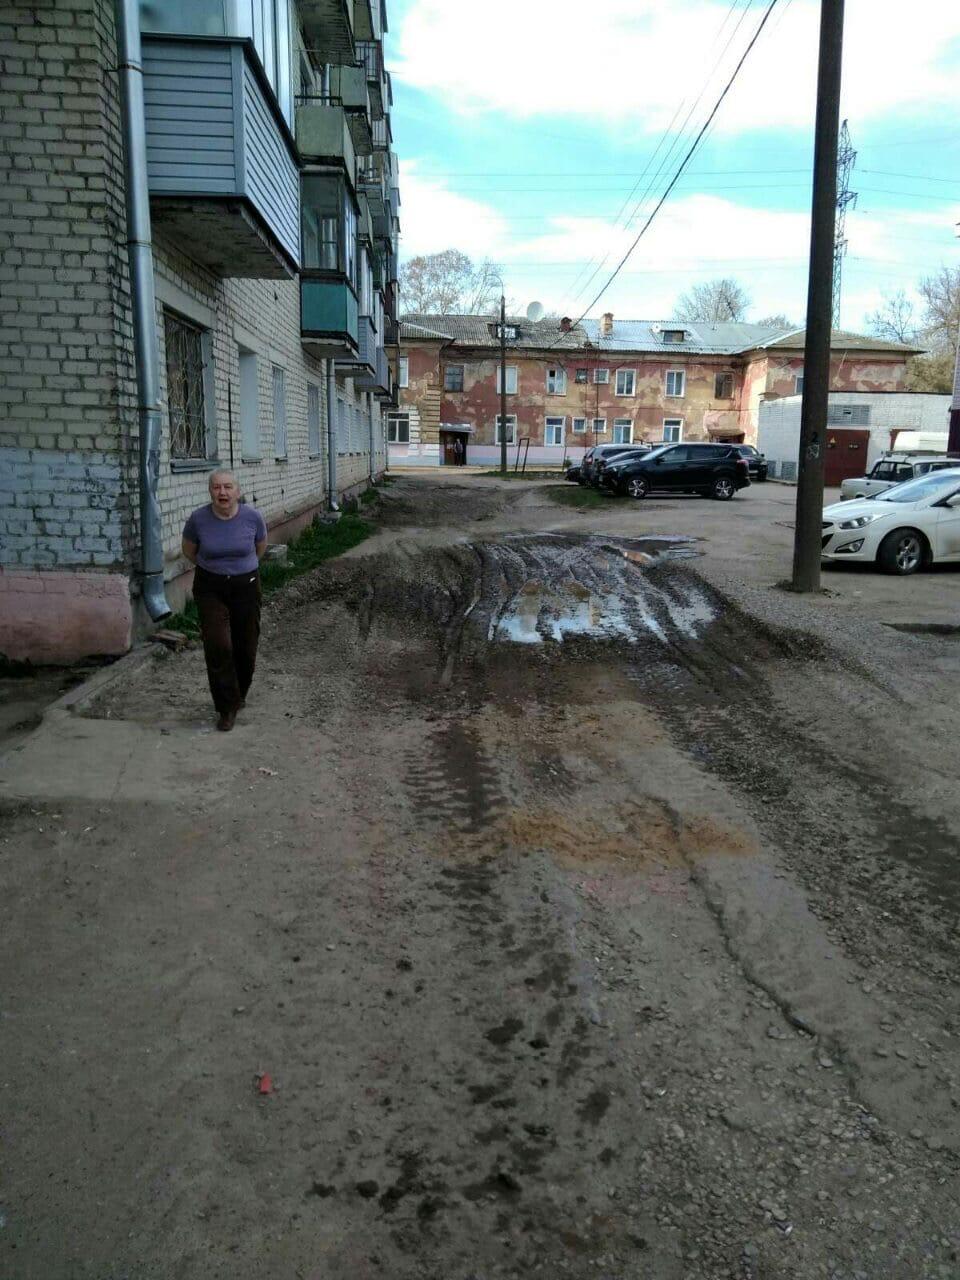 Октябрьский пр-т, 34. Планировка территории совместно по